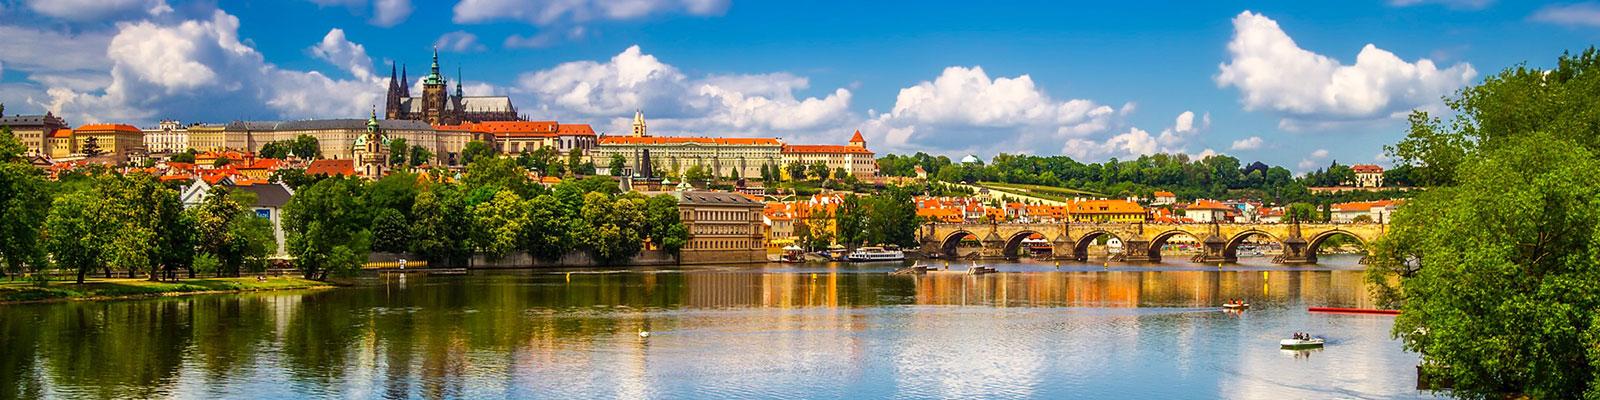 Prag - Goldene Stadt an der Moldau